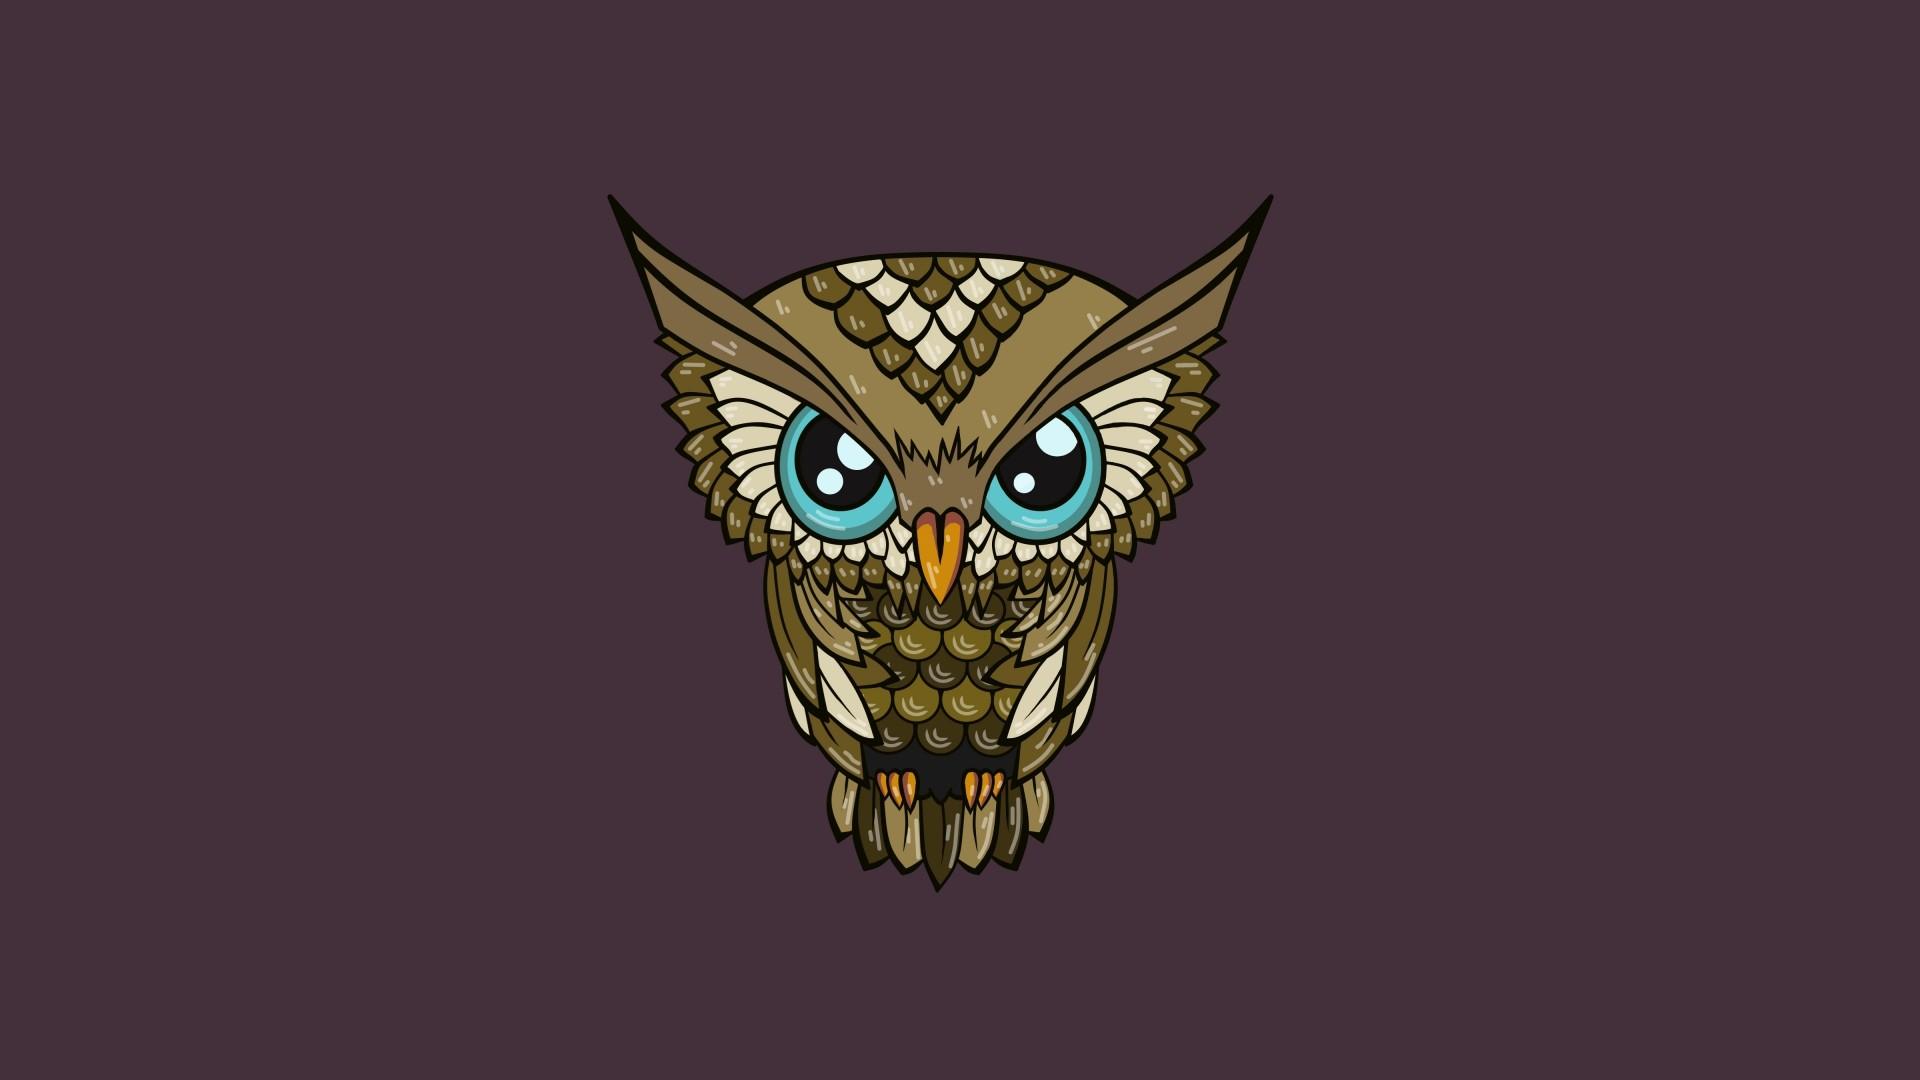 580 Gambar Ilustrasi Burung Hantu Terbaru